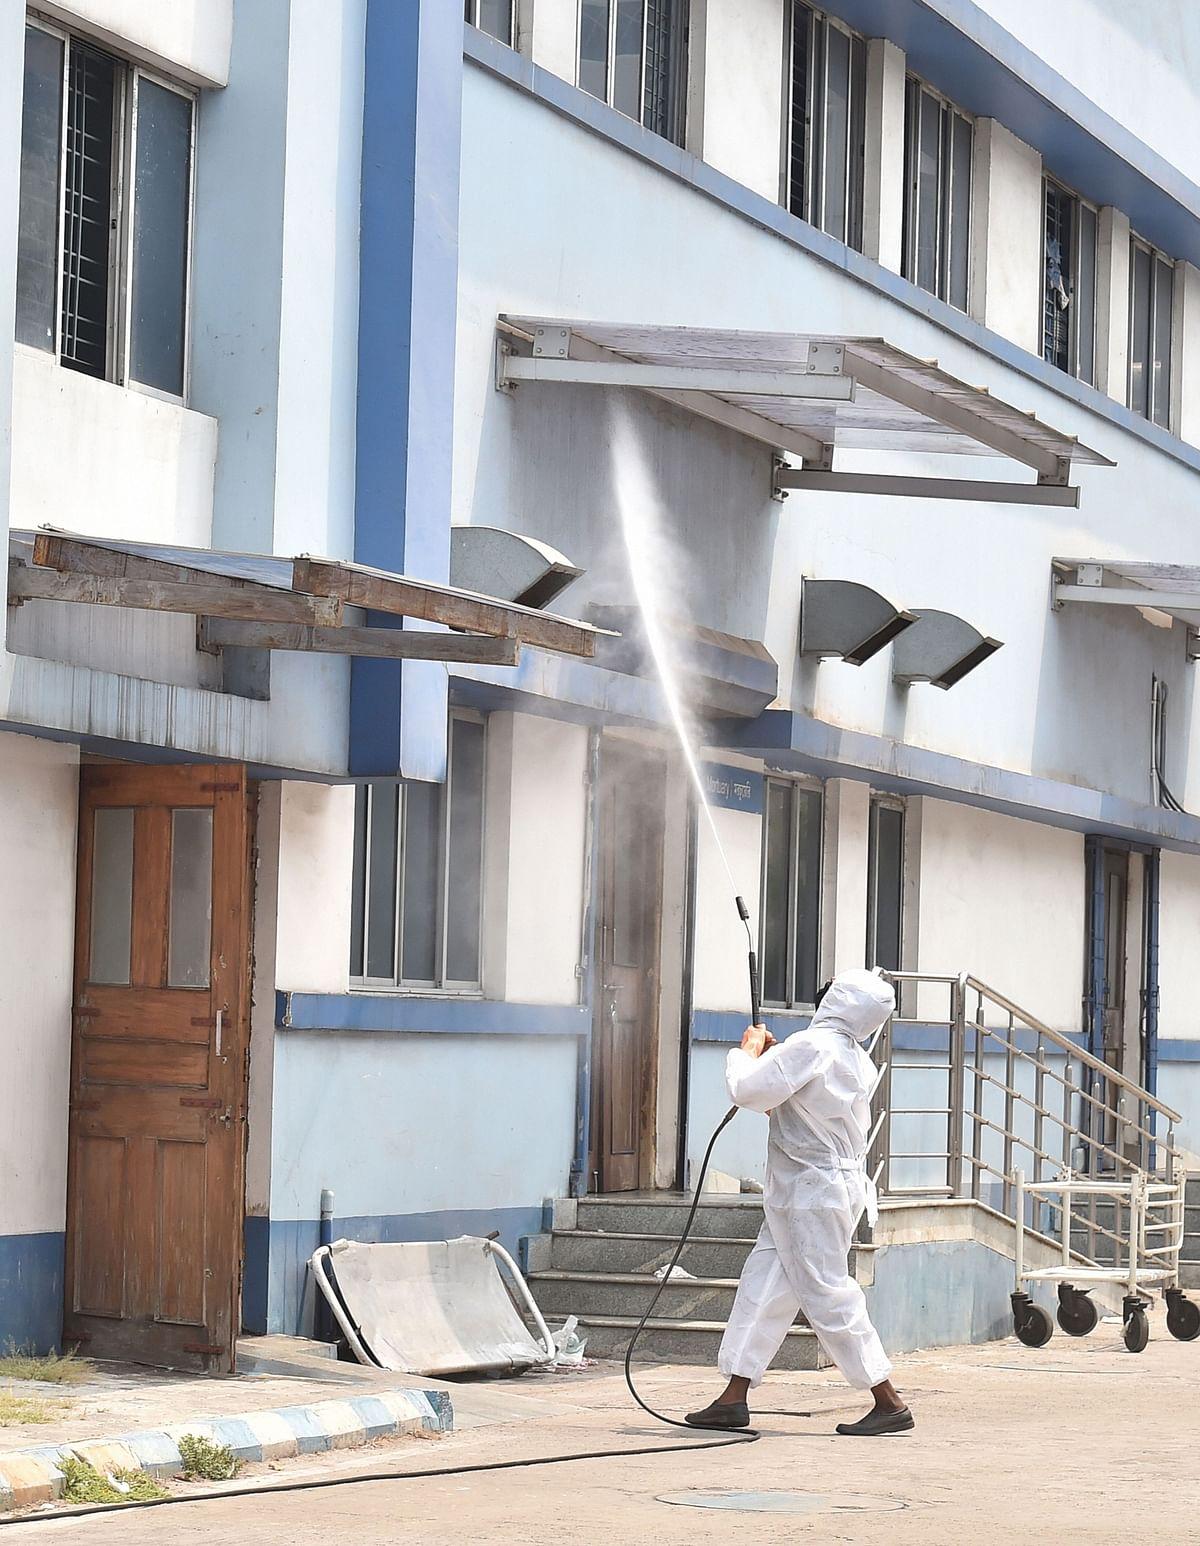 कोलकाता की तसवीर जहां अस्पताल के बाहरी हिस्से को सैनिटाइज करता युवक